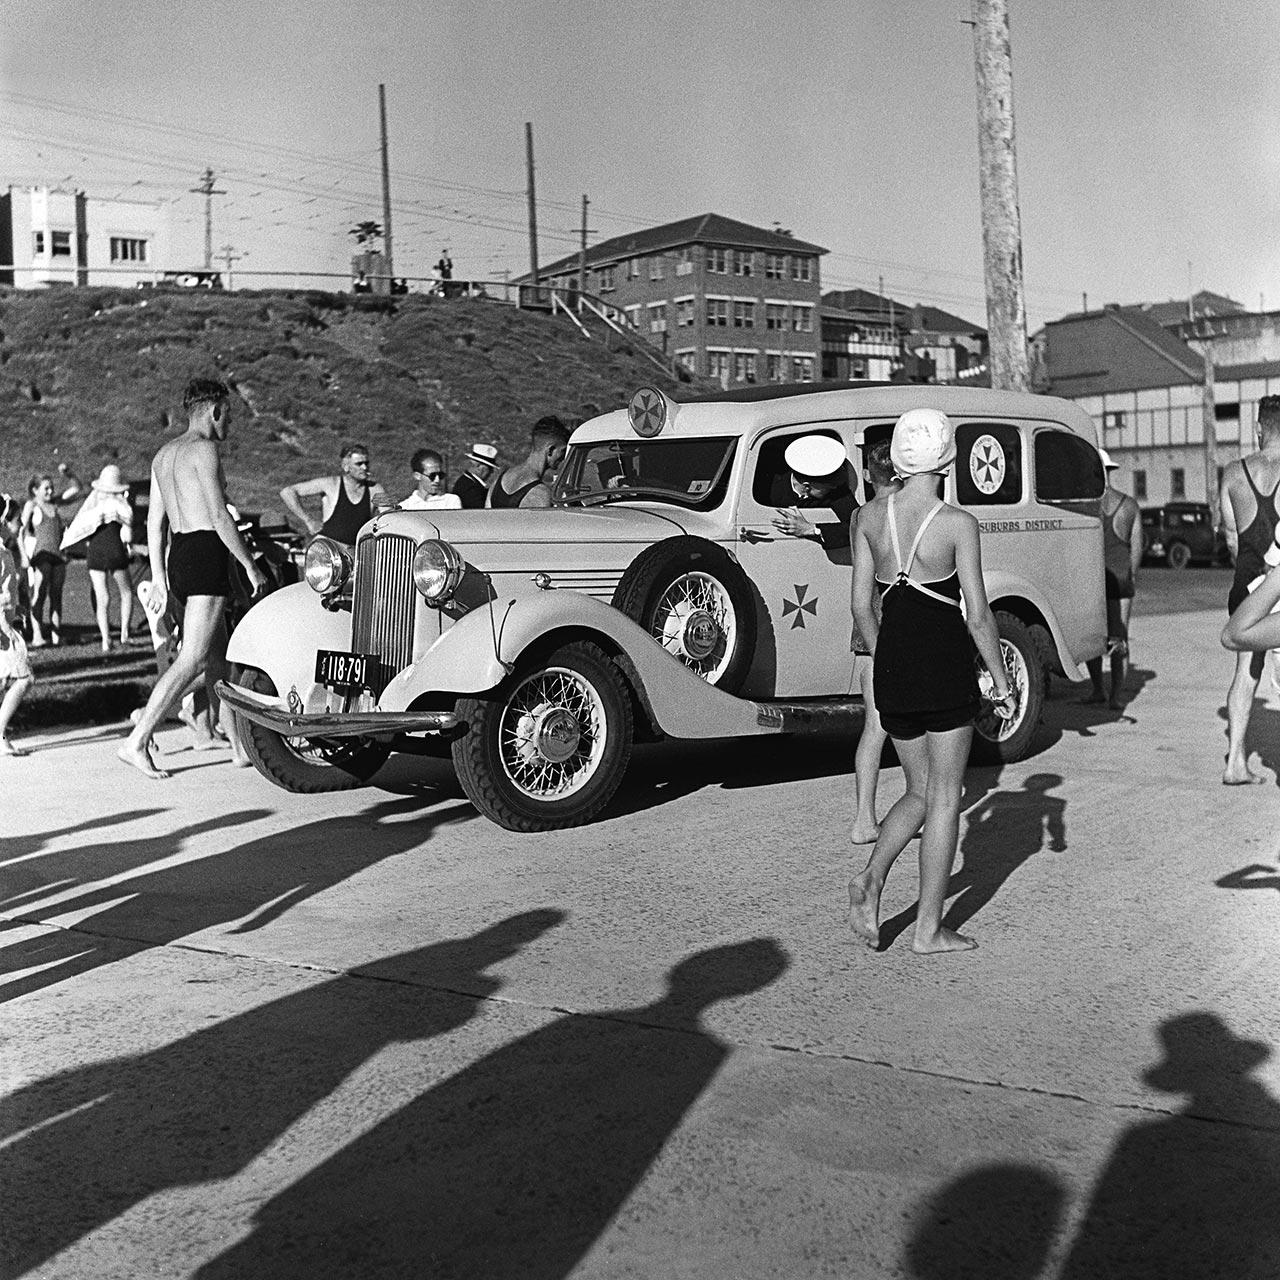 Dodge Ambulance, North Bondi, 20 February 1937. (Digital ID: a2391009)